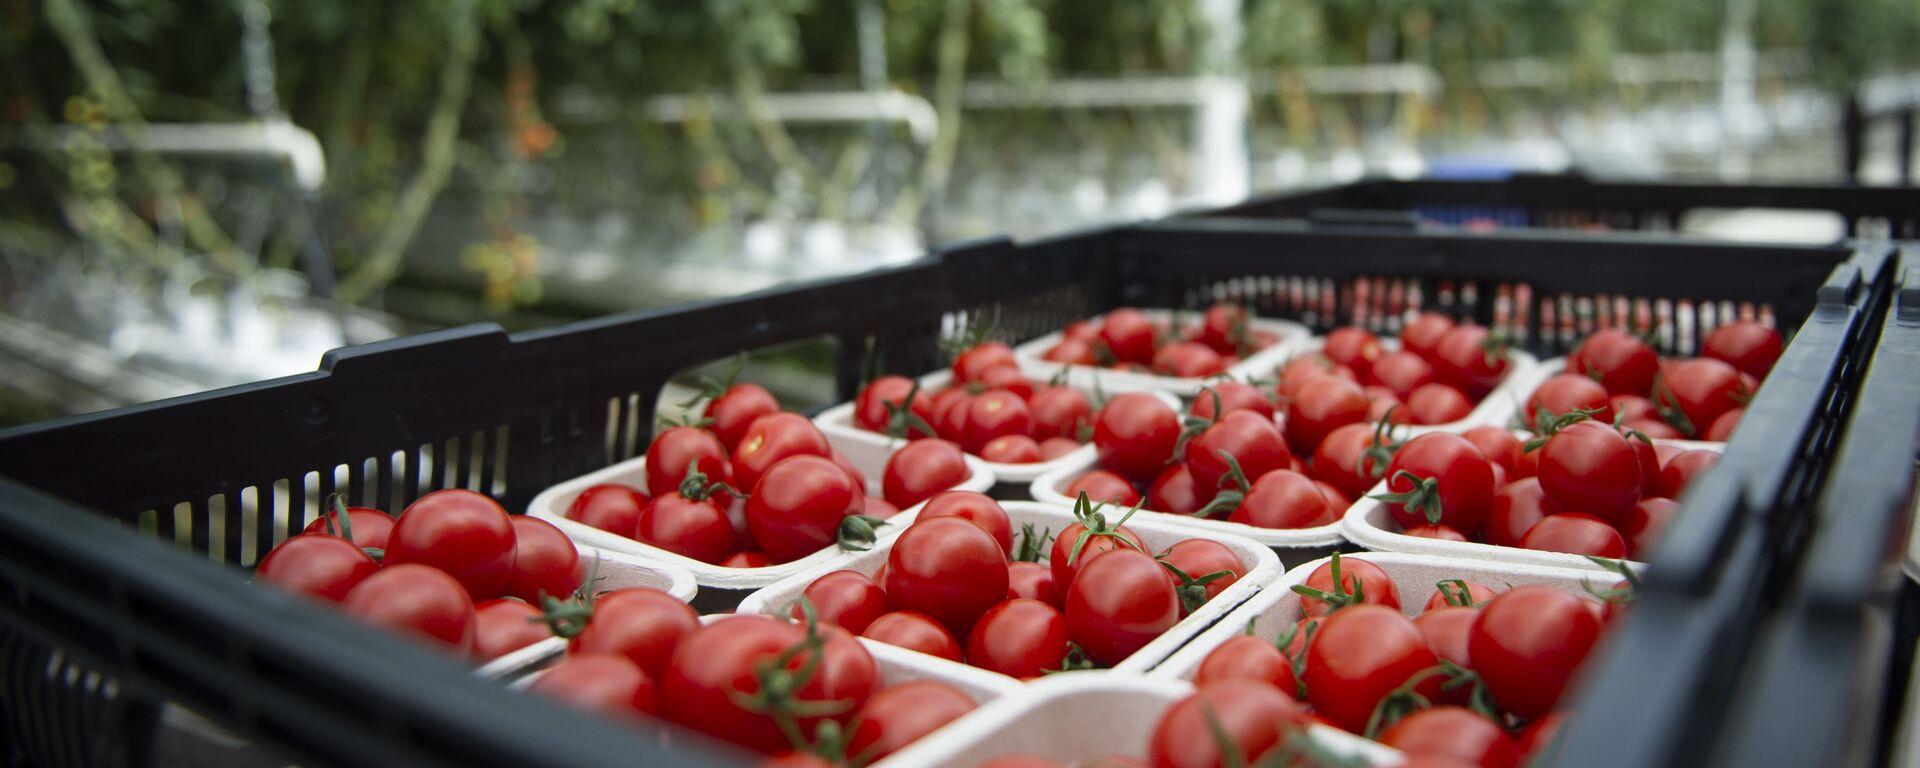 Урожай томатов, фото из архива - Sputnik Азербайджан, 1920, 27.05.2021